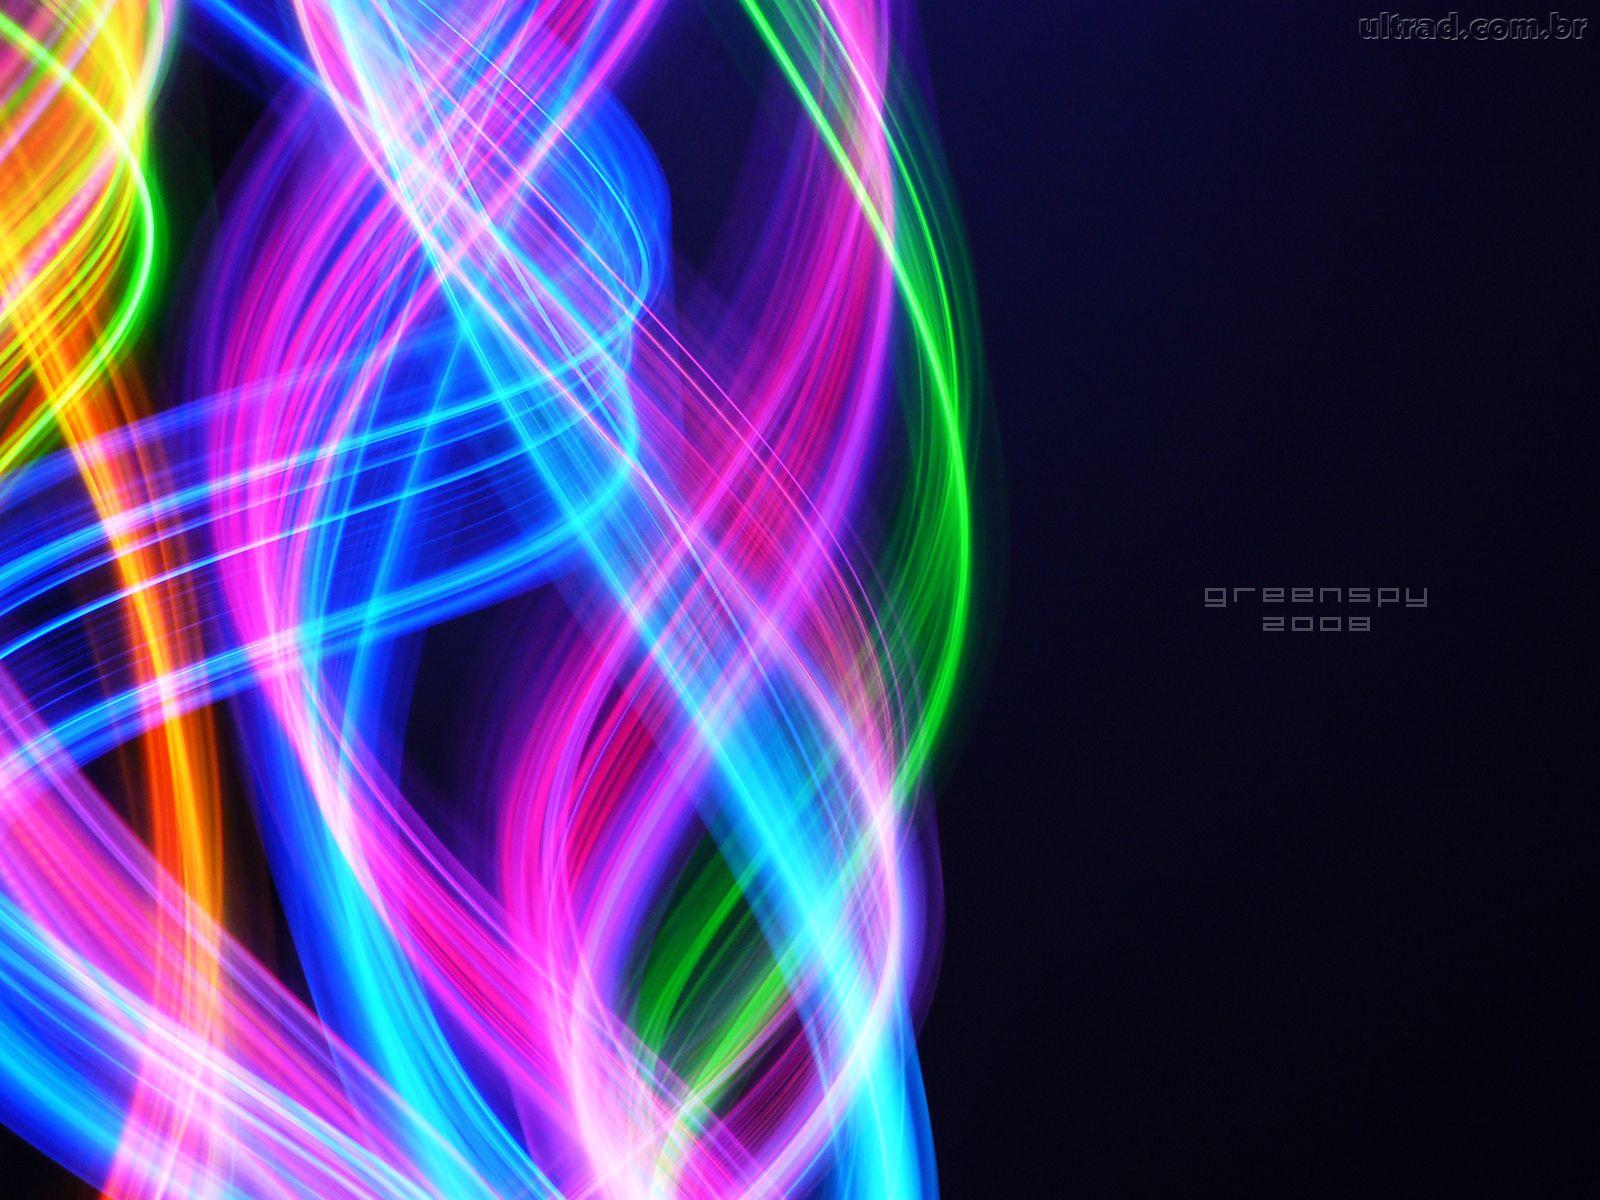 Papel de Parede Turbilho Colorido 1600x1200